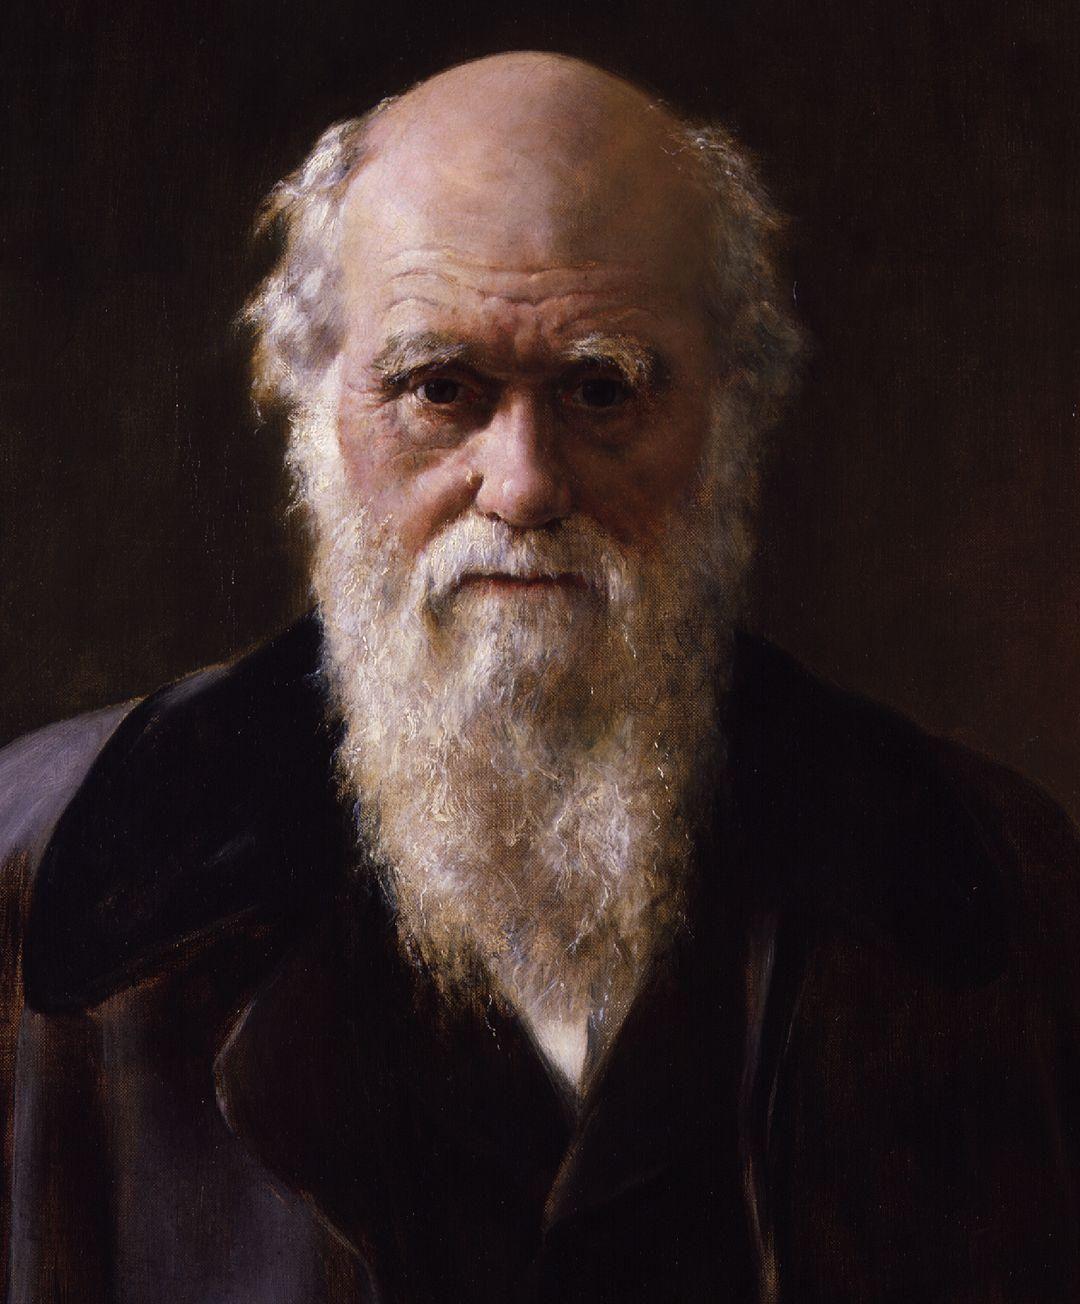 Uma questão darwiniana